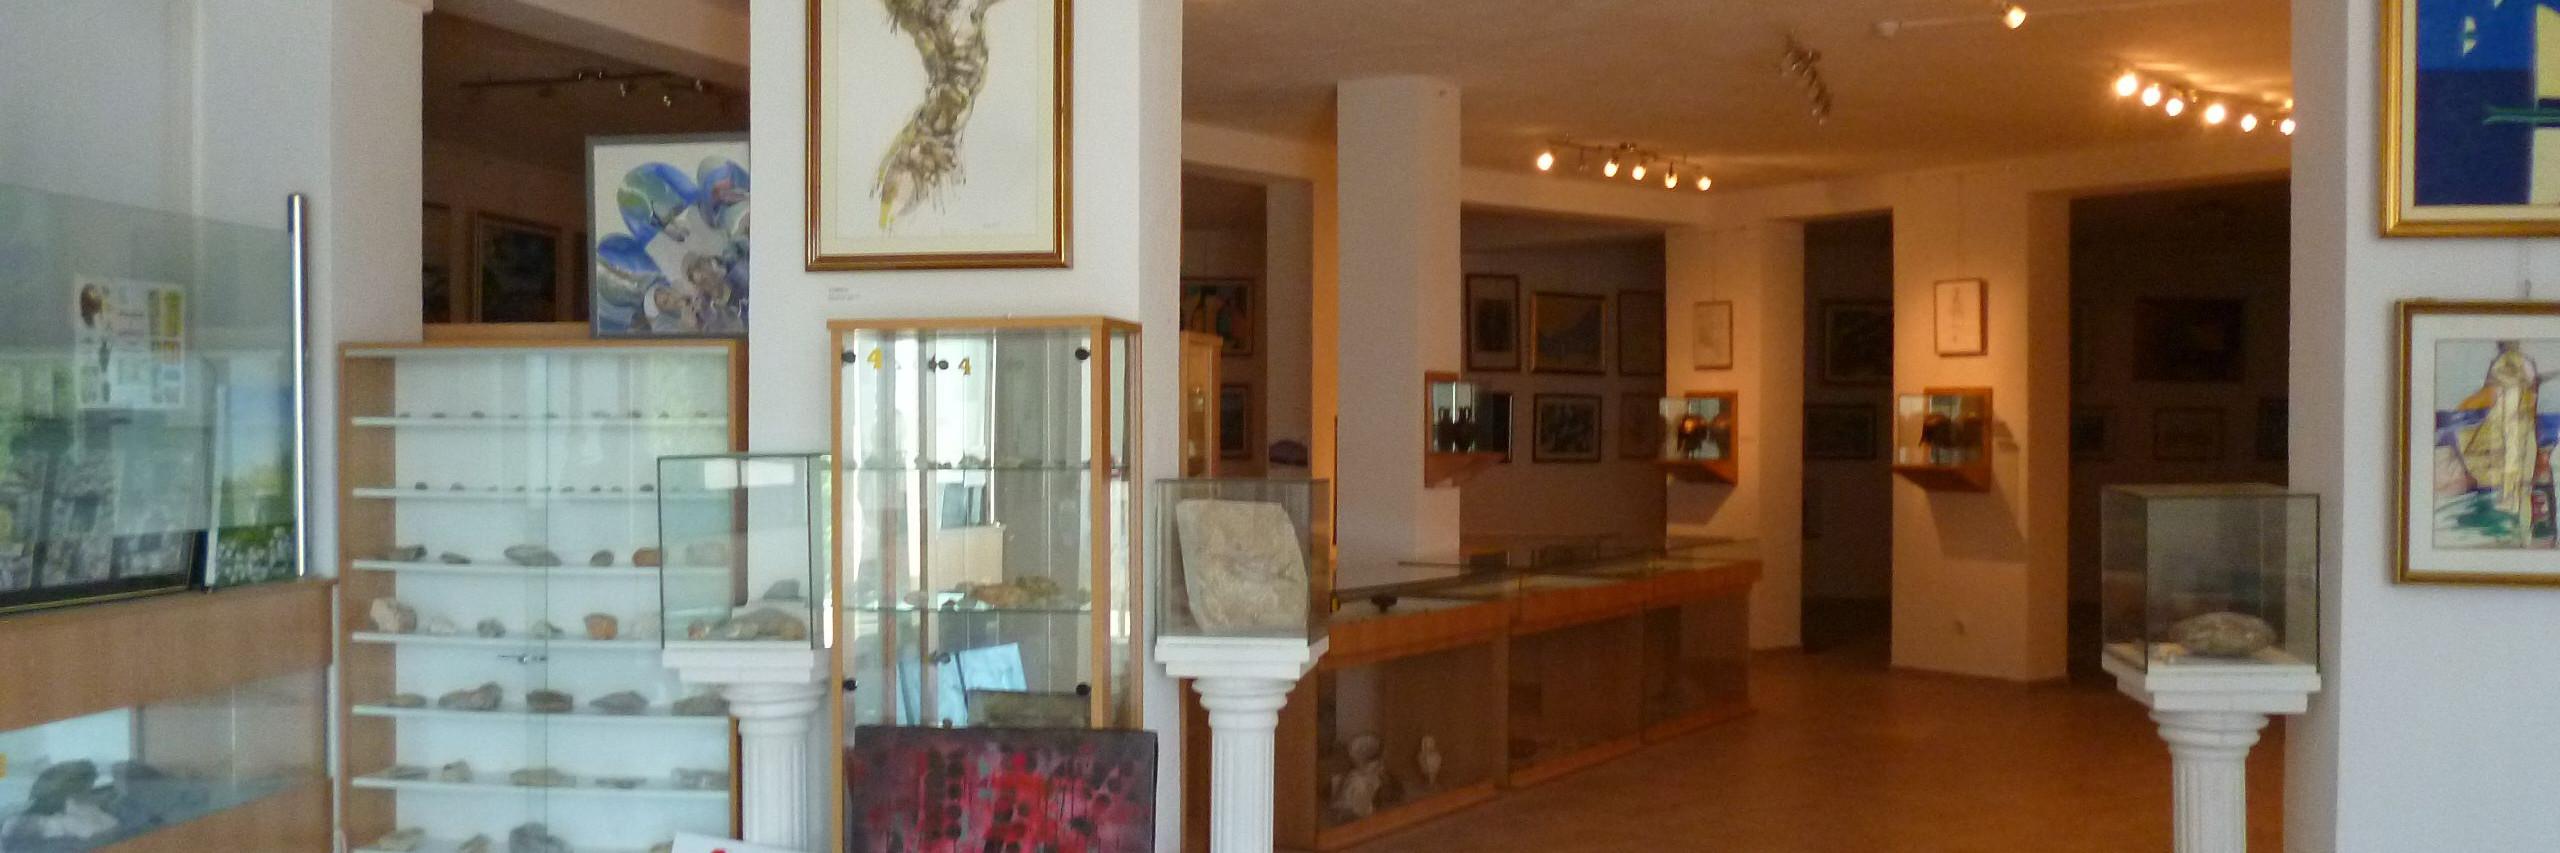 Музей и галерея Неум